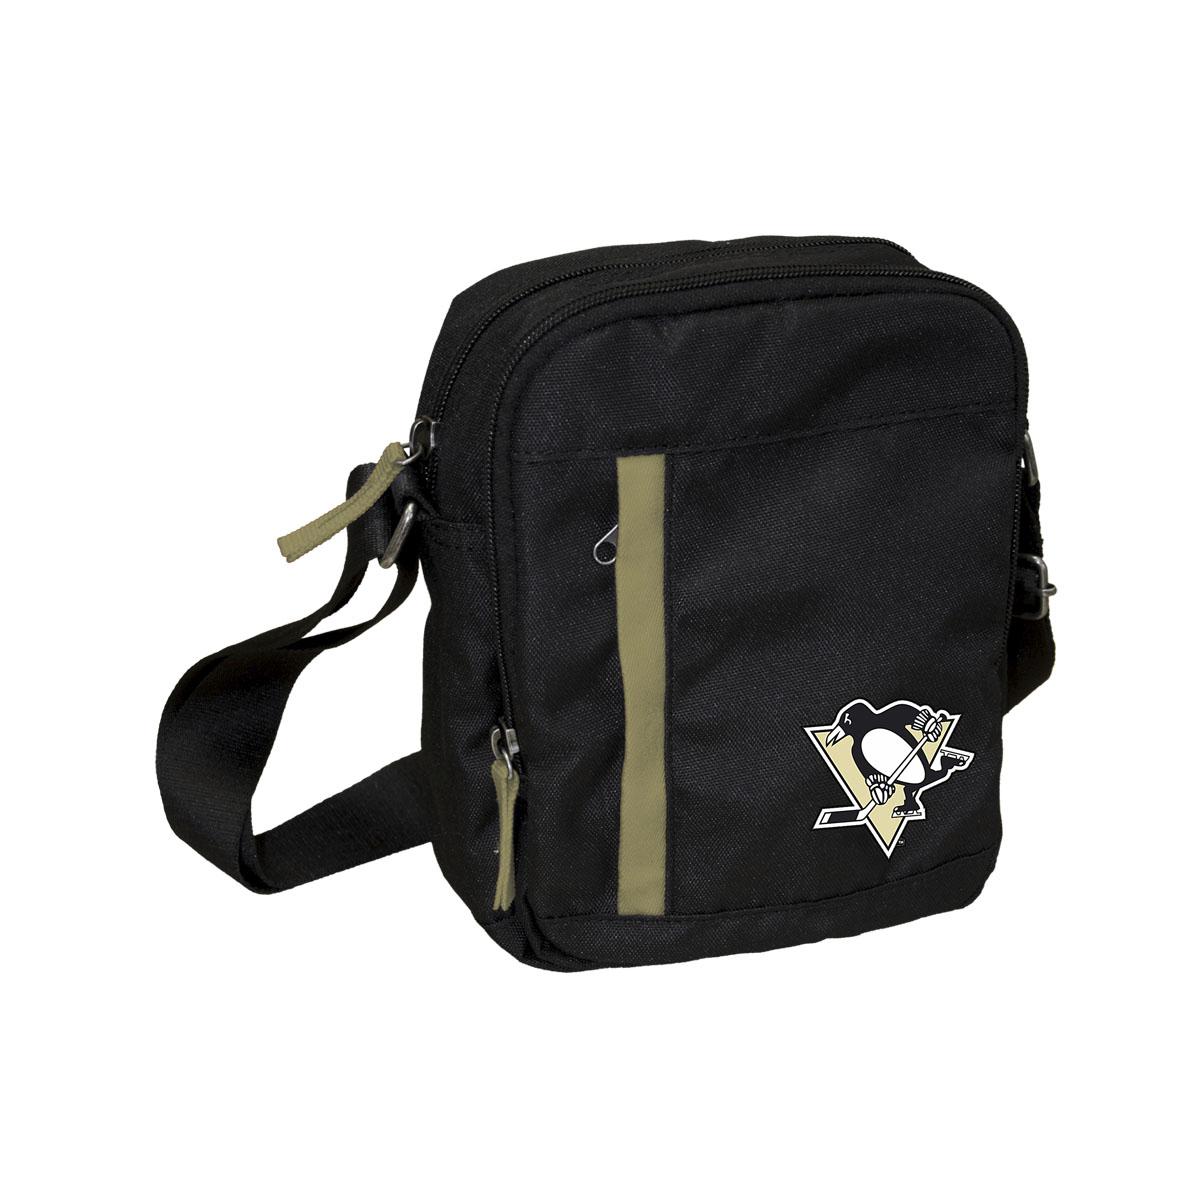 Сумка на ремне NHL Penguins, цвет: черный, 3,5 л. 5801858018Универсальная сумка NHL Penguins на регулируемом плечевом ремне имеет два отделения на молнии. Внешний карман на молнии отделан контрастной полосой. Основное отделение содержит четыре небольших кармана для мелочей, один из них на молнии. Сумка украшена эмблемой хоккейной команды Penguins.